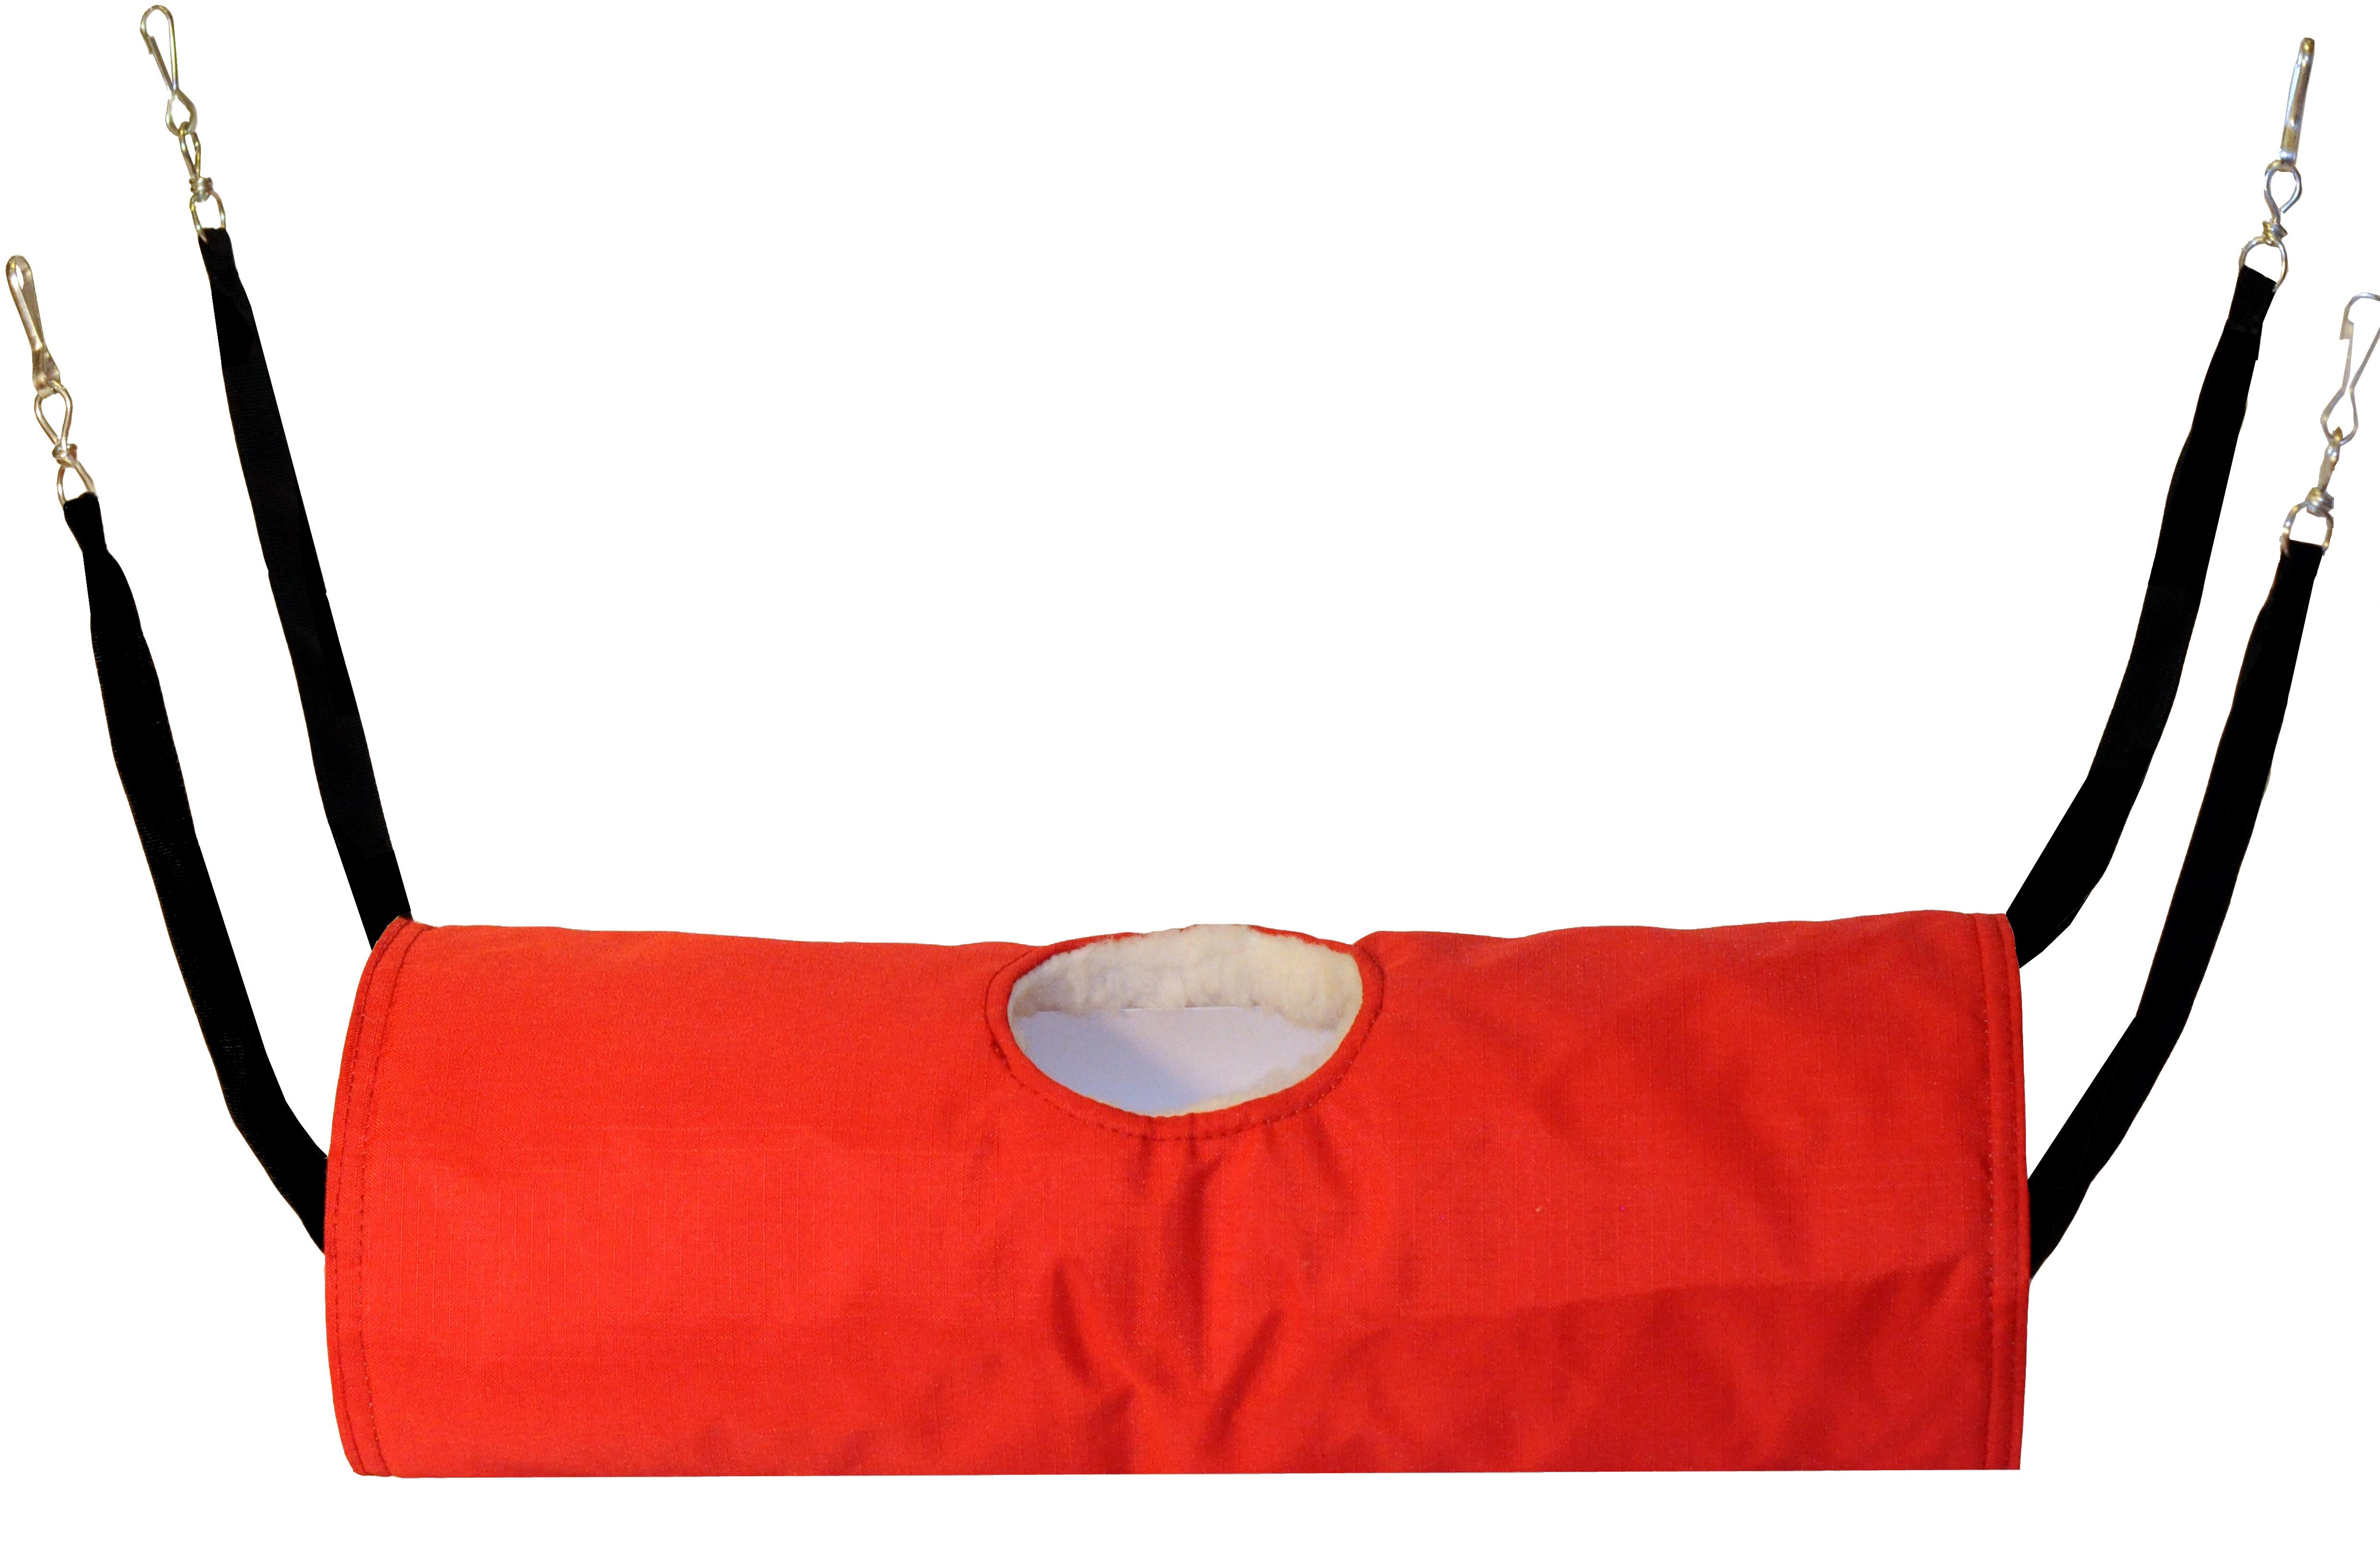 Тоннель для грызунов Монморанси подвесной, красный, 40х15х15